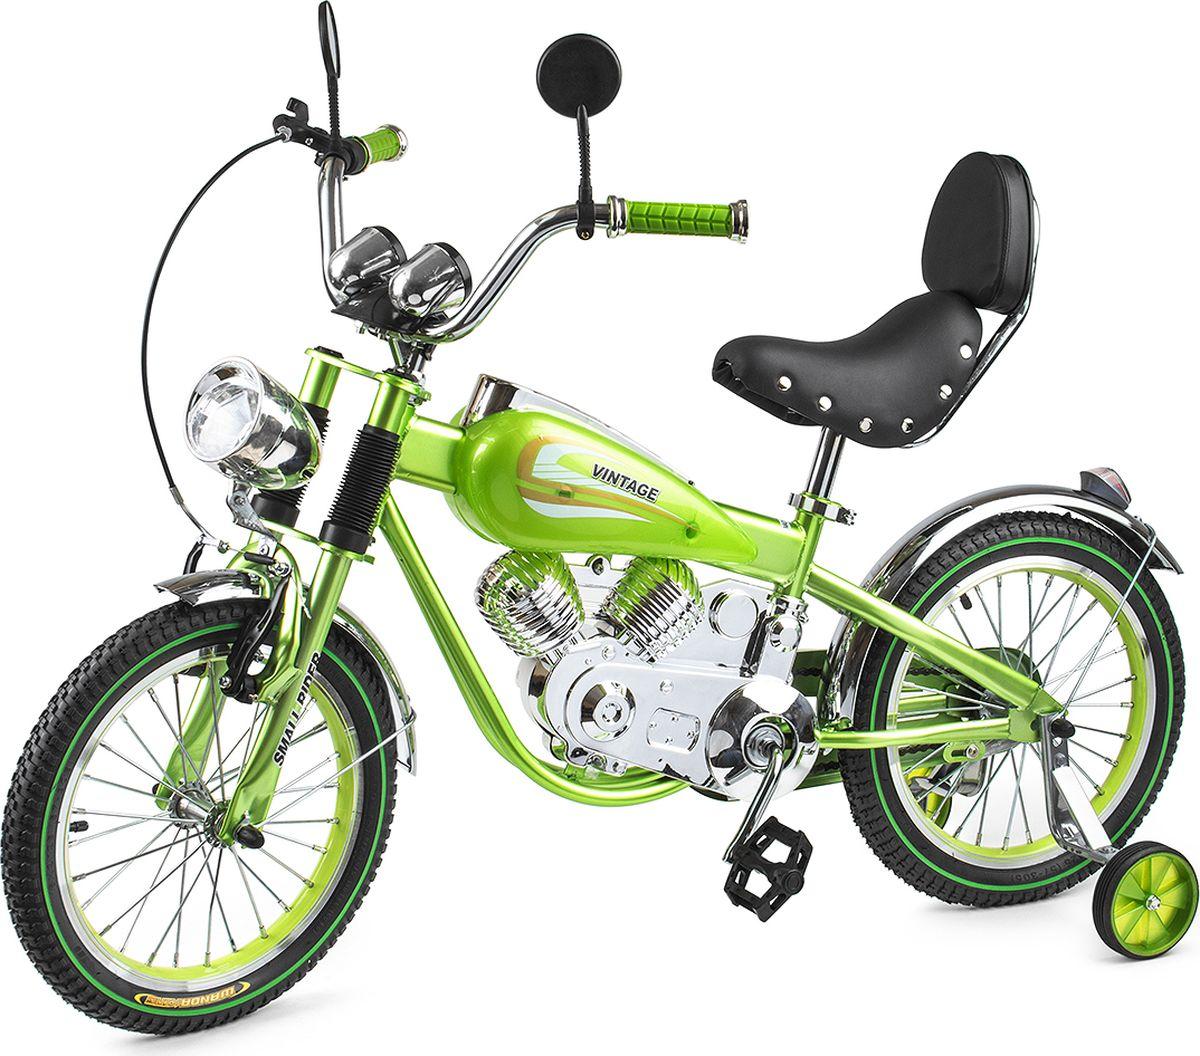 Small Rider Велосипед-мотоцикл детский Motobike Vintage цвет зеленый1224973Шикарный и привлекающий взгляды. При первом взгляде на Small Rider Motobike Vintage даже не верится, что это детский велосипед. Он выглядит завораживающе и шикарно. Это,скорее, коллекционный мотоцикл в уменьшенном размере. Все в нем сверкает, блестит и переливается, подчеркивая дороговизну каждого элемента. Стилизация поражает правдоподобностью - мотор, бензобак, спидометр, амортизаторы, сиденье с клепками, фонарь, зеркальца - все как у настоящего мотоцикла! Обучающий детский велосипед. Несмотря на свое великолепие, Мотобайк Винтаж имеет традиционный функционал детского велосипеда и легко приводится в движение с помощью педалей. Очень важно - в комплекте идут поддерживающие колесики, которые помогут ребенку привыкнут к велосипеду и научиться одновременно рулить и крутить педали. Он подойдет детям уже с 4-х лет. Так что, Small Rider Motobike Vintage - отличный вариант, чтобы научиться кататься на велосипеде, причем сделать это с шиком, вызвав...